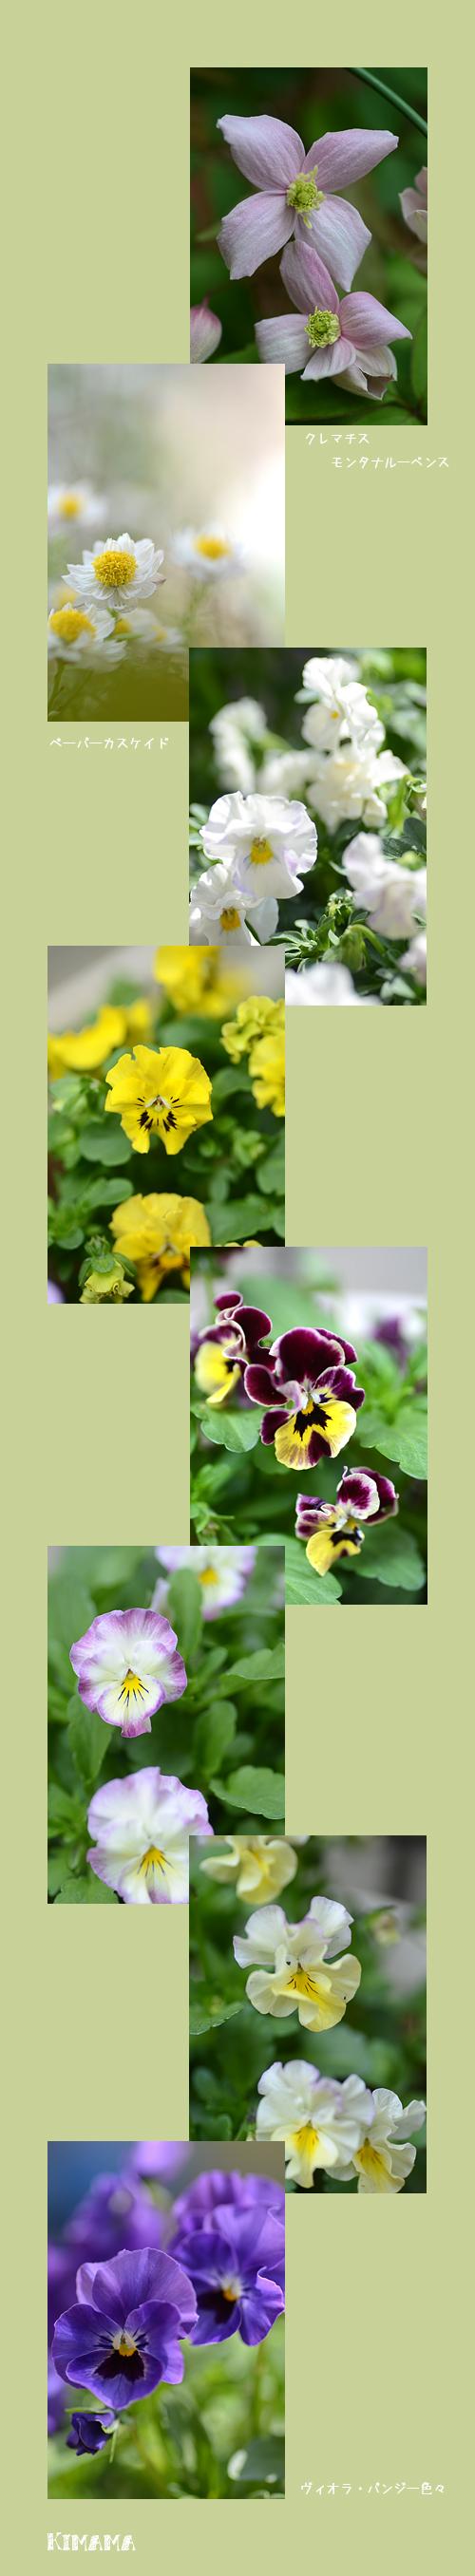 4月7日庭の花3